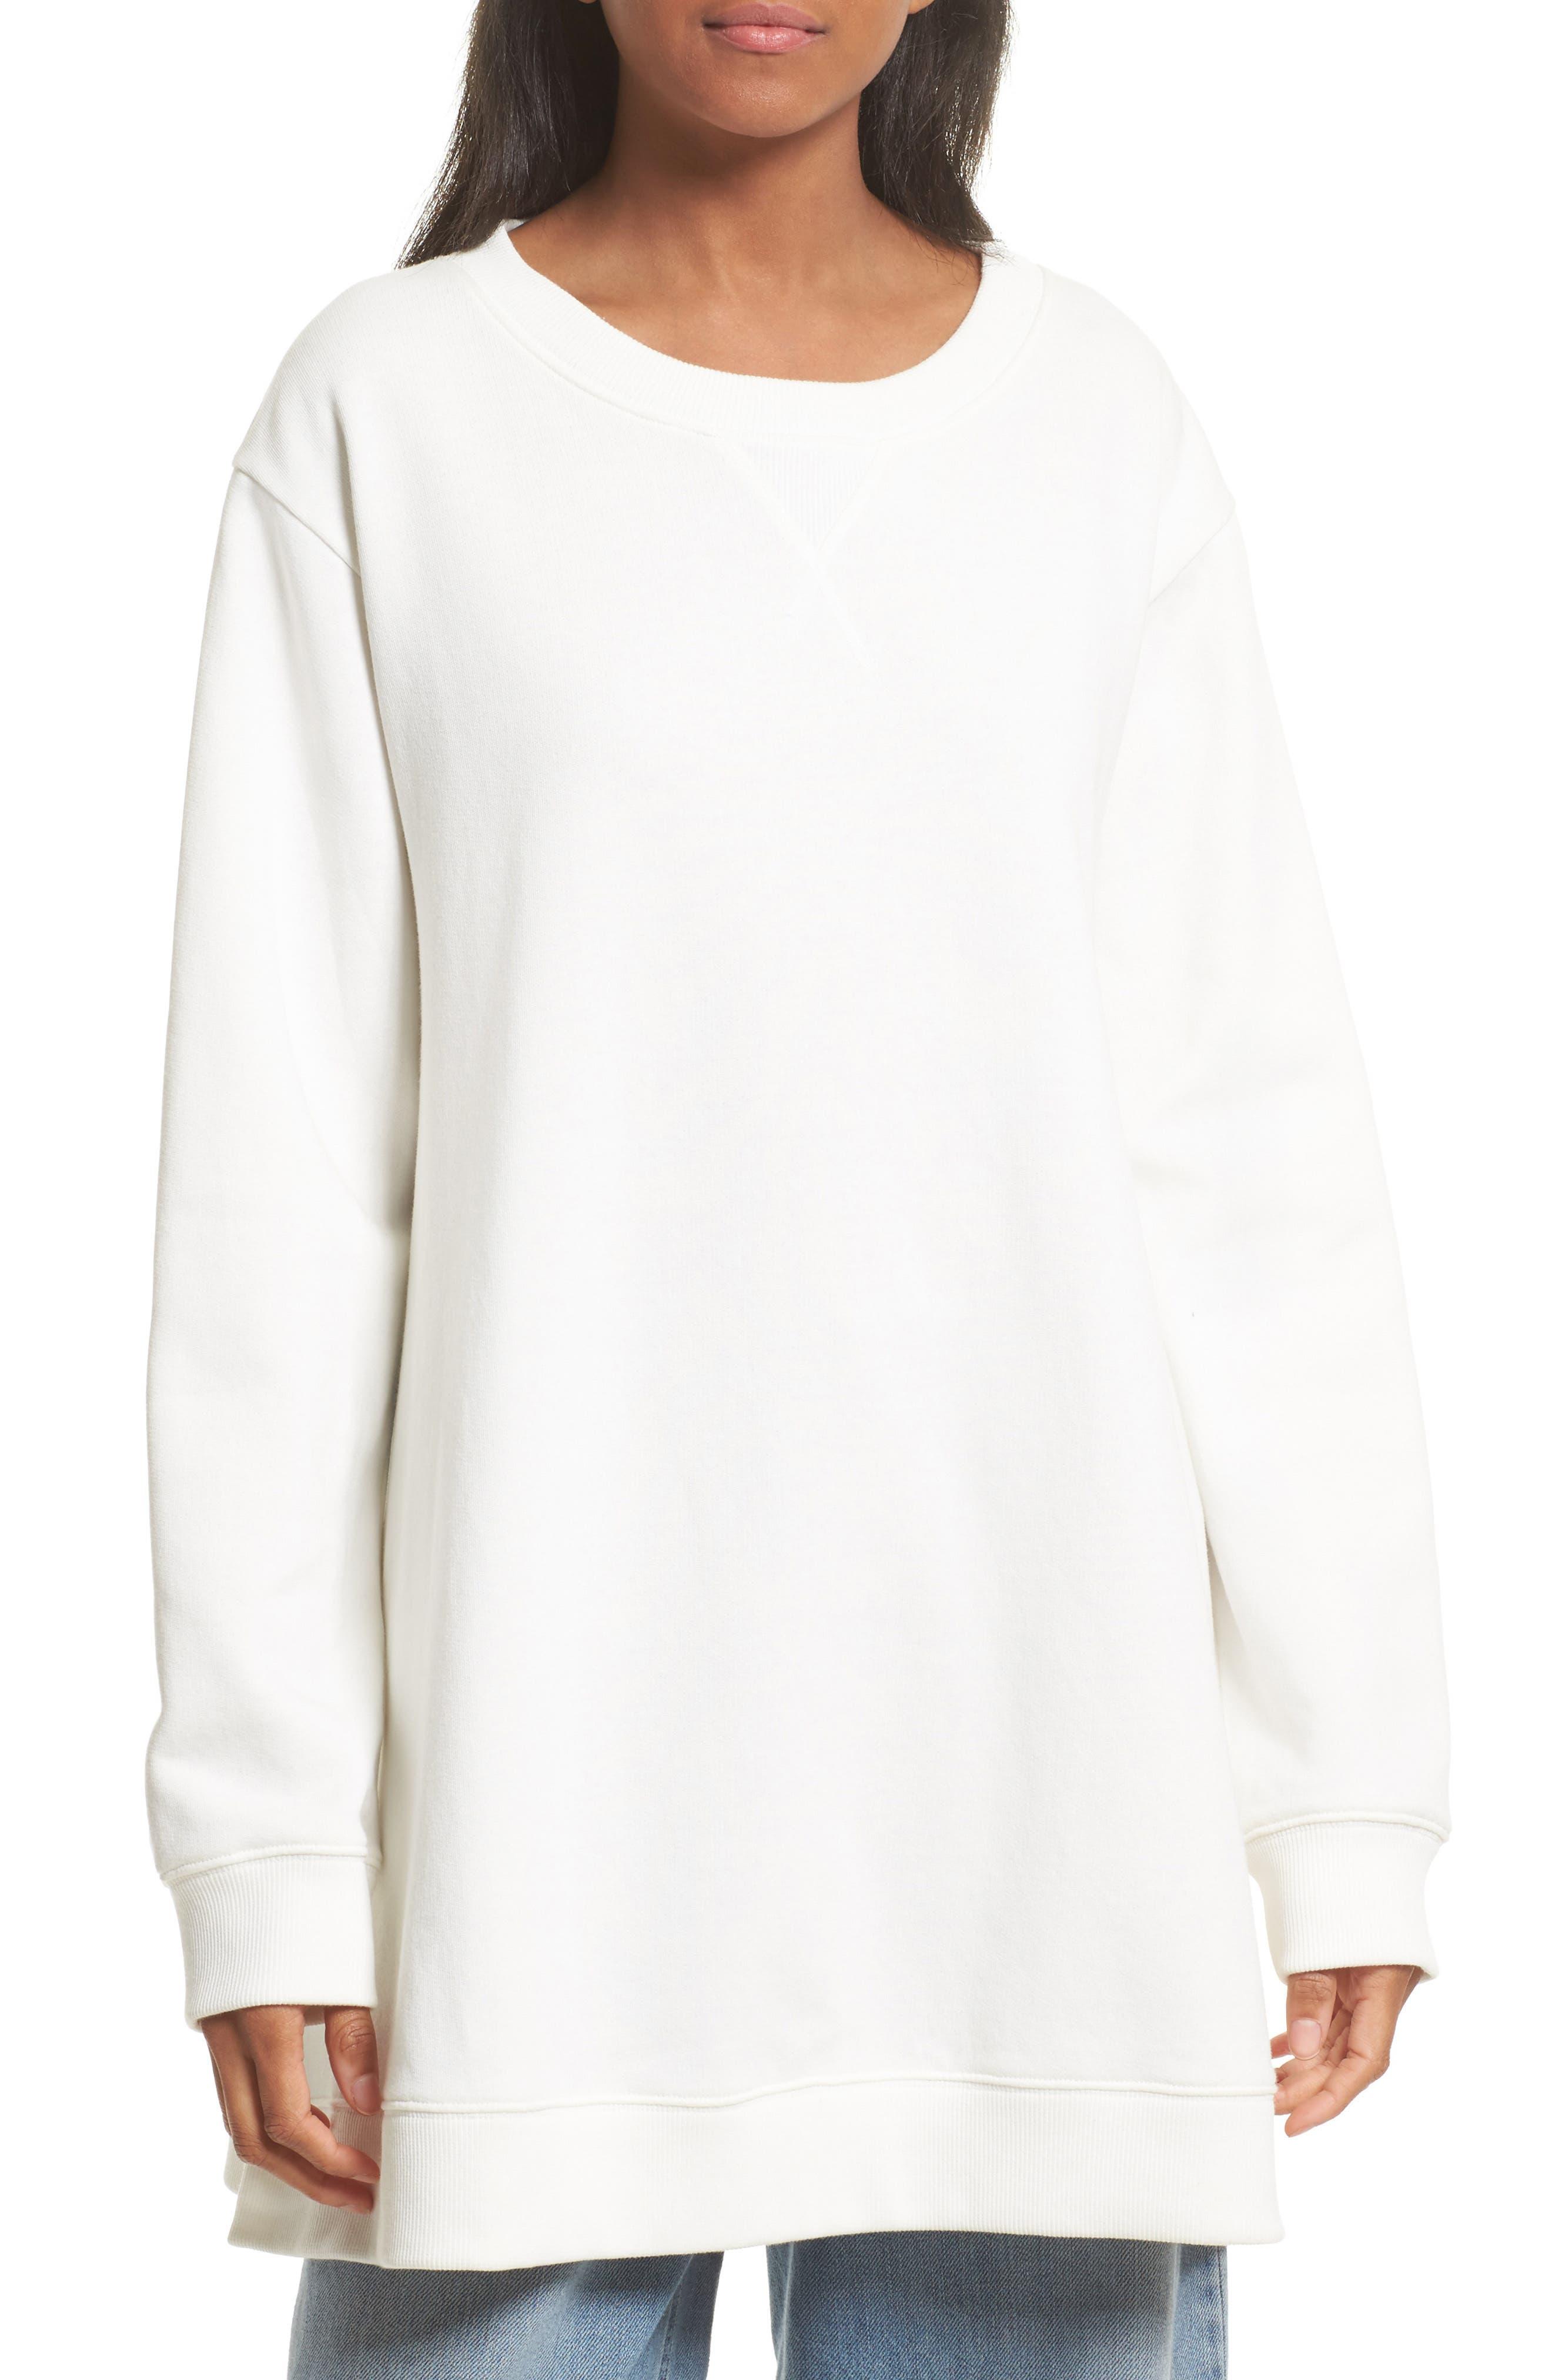 Main Image - MM6 Maison Margiela Oversize Sweatshirt